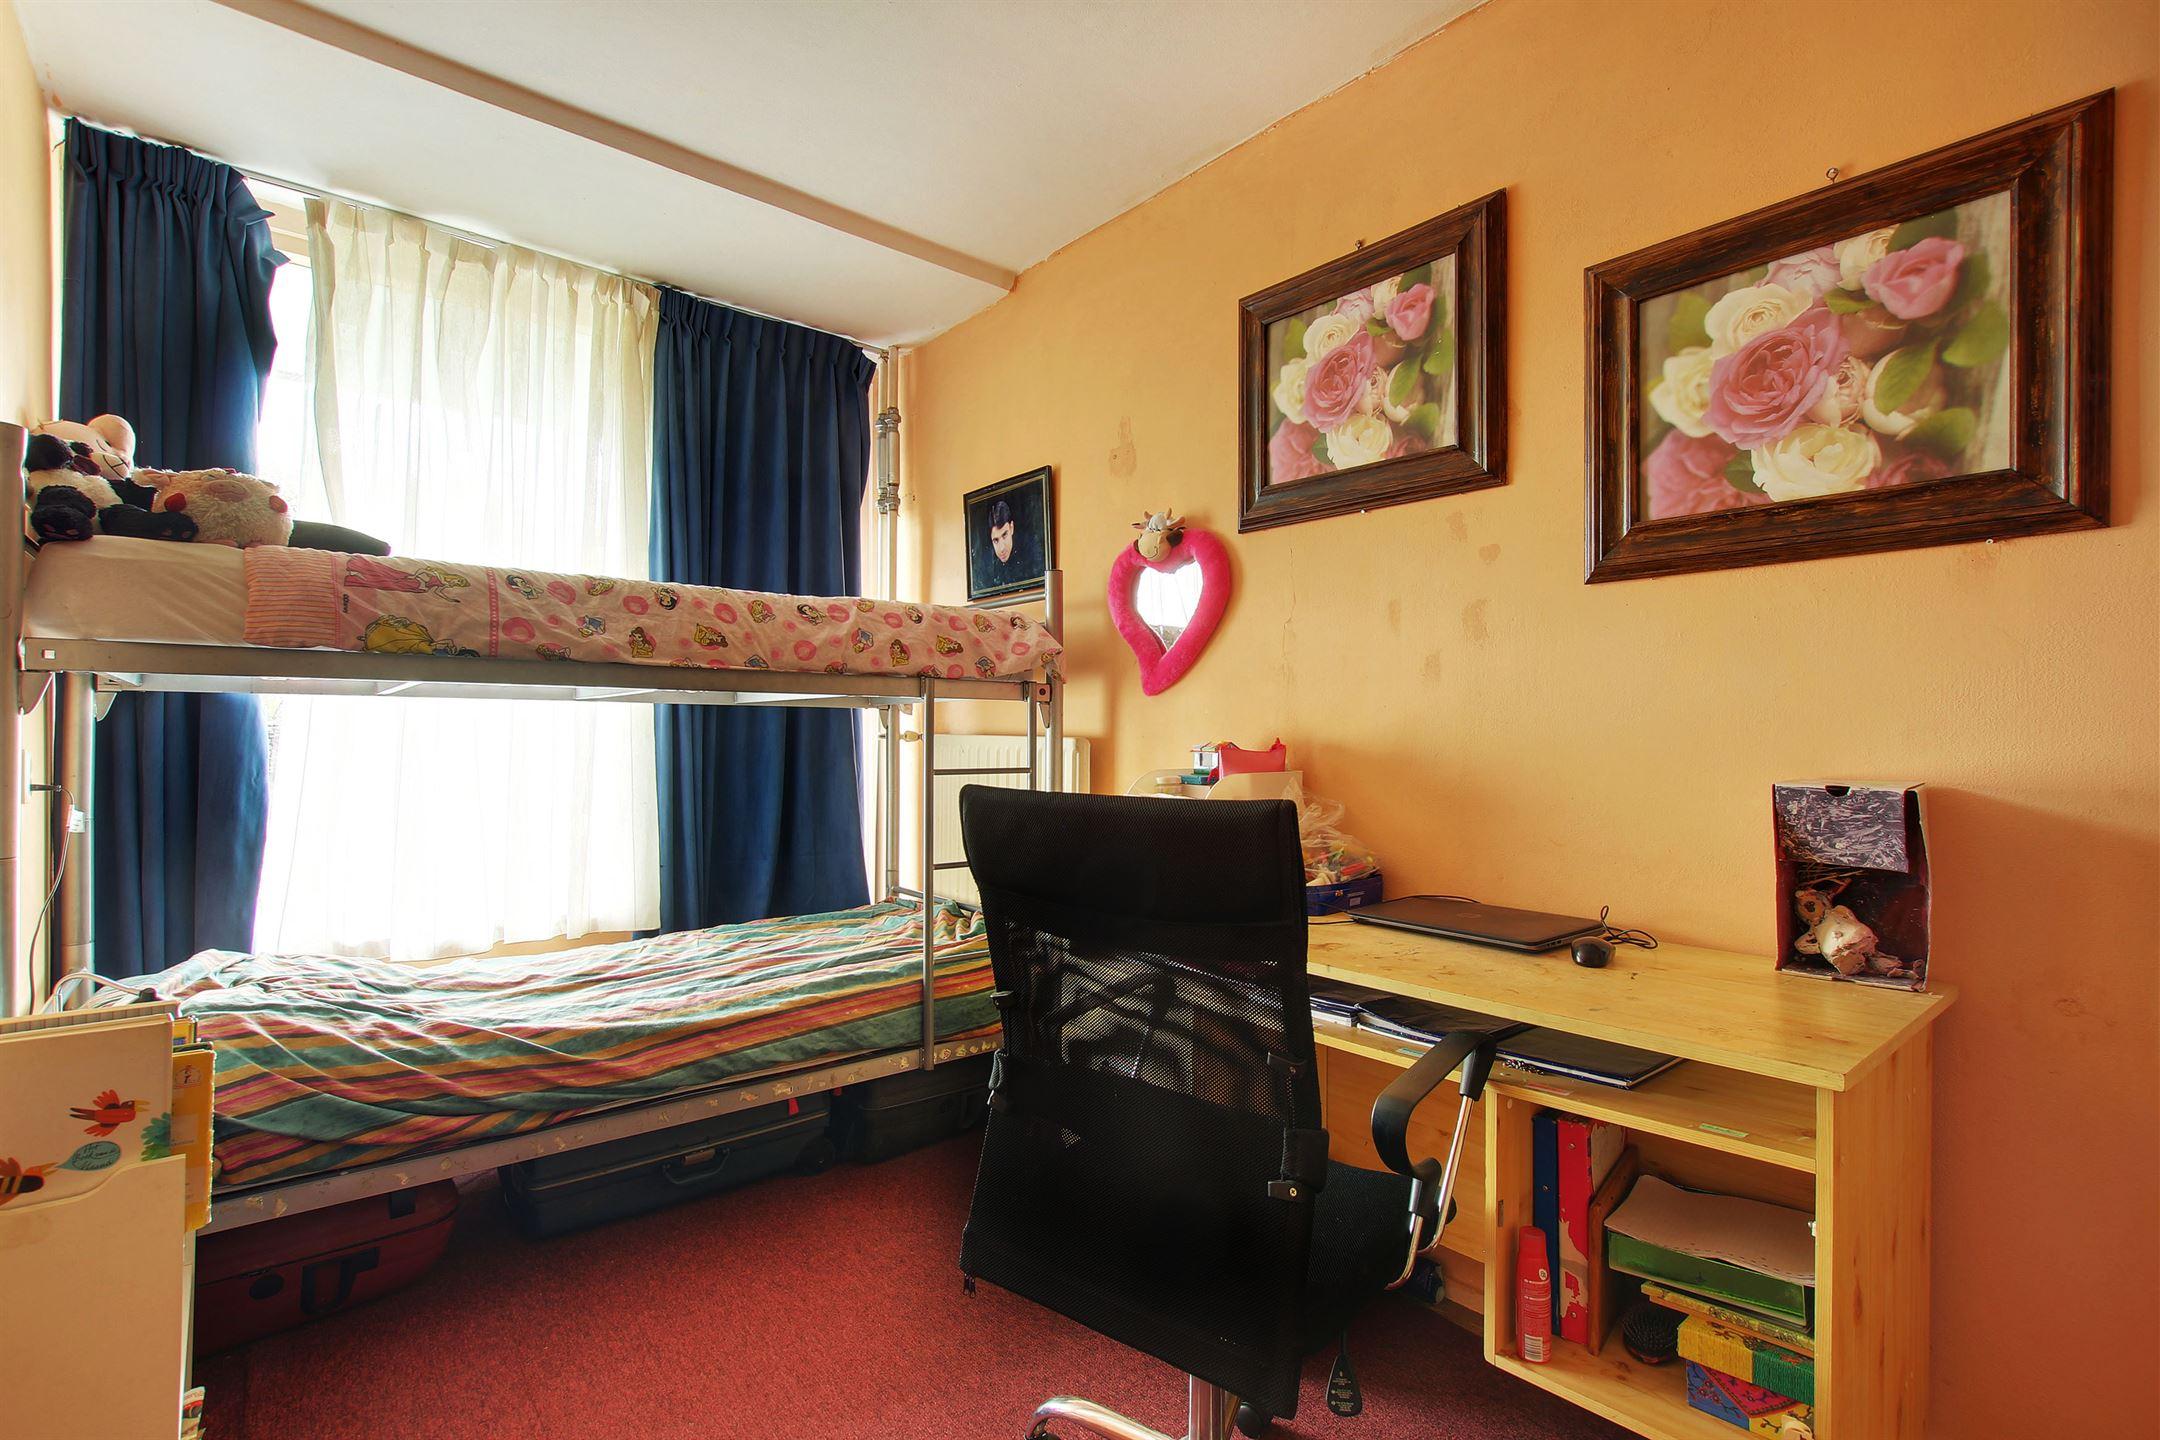 Appartement te koop: engelandlaan 1068 2034 gd haarlem [funda]